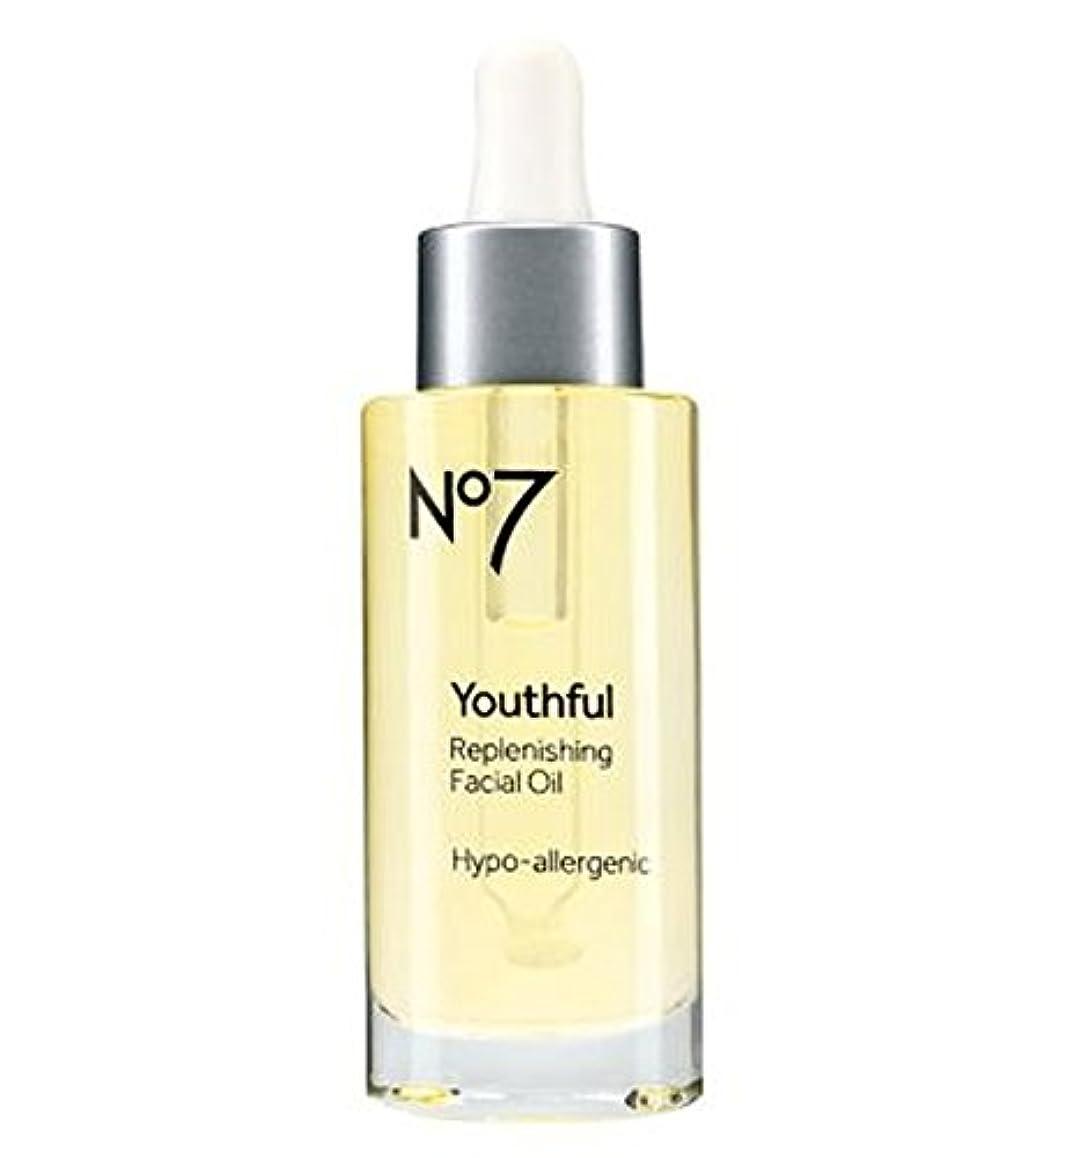 キリスト教支援合理化No7若々しい補給フェイシャルオイル30ミリリットル (No7) (x2) - No7 Youthful Replenishing Facial Oil 30ml (Pack of 2) [並行輸入品]